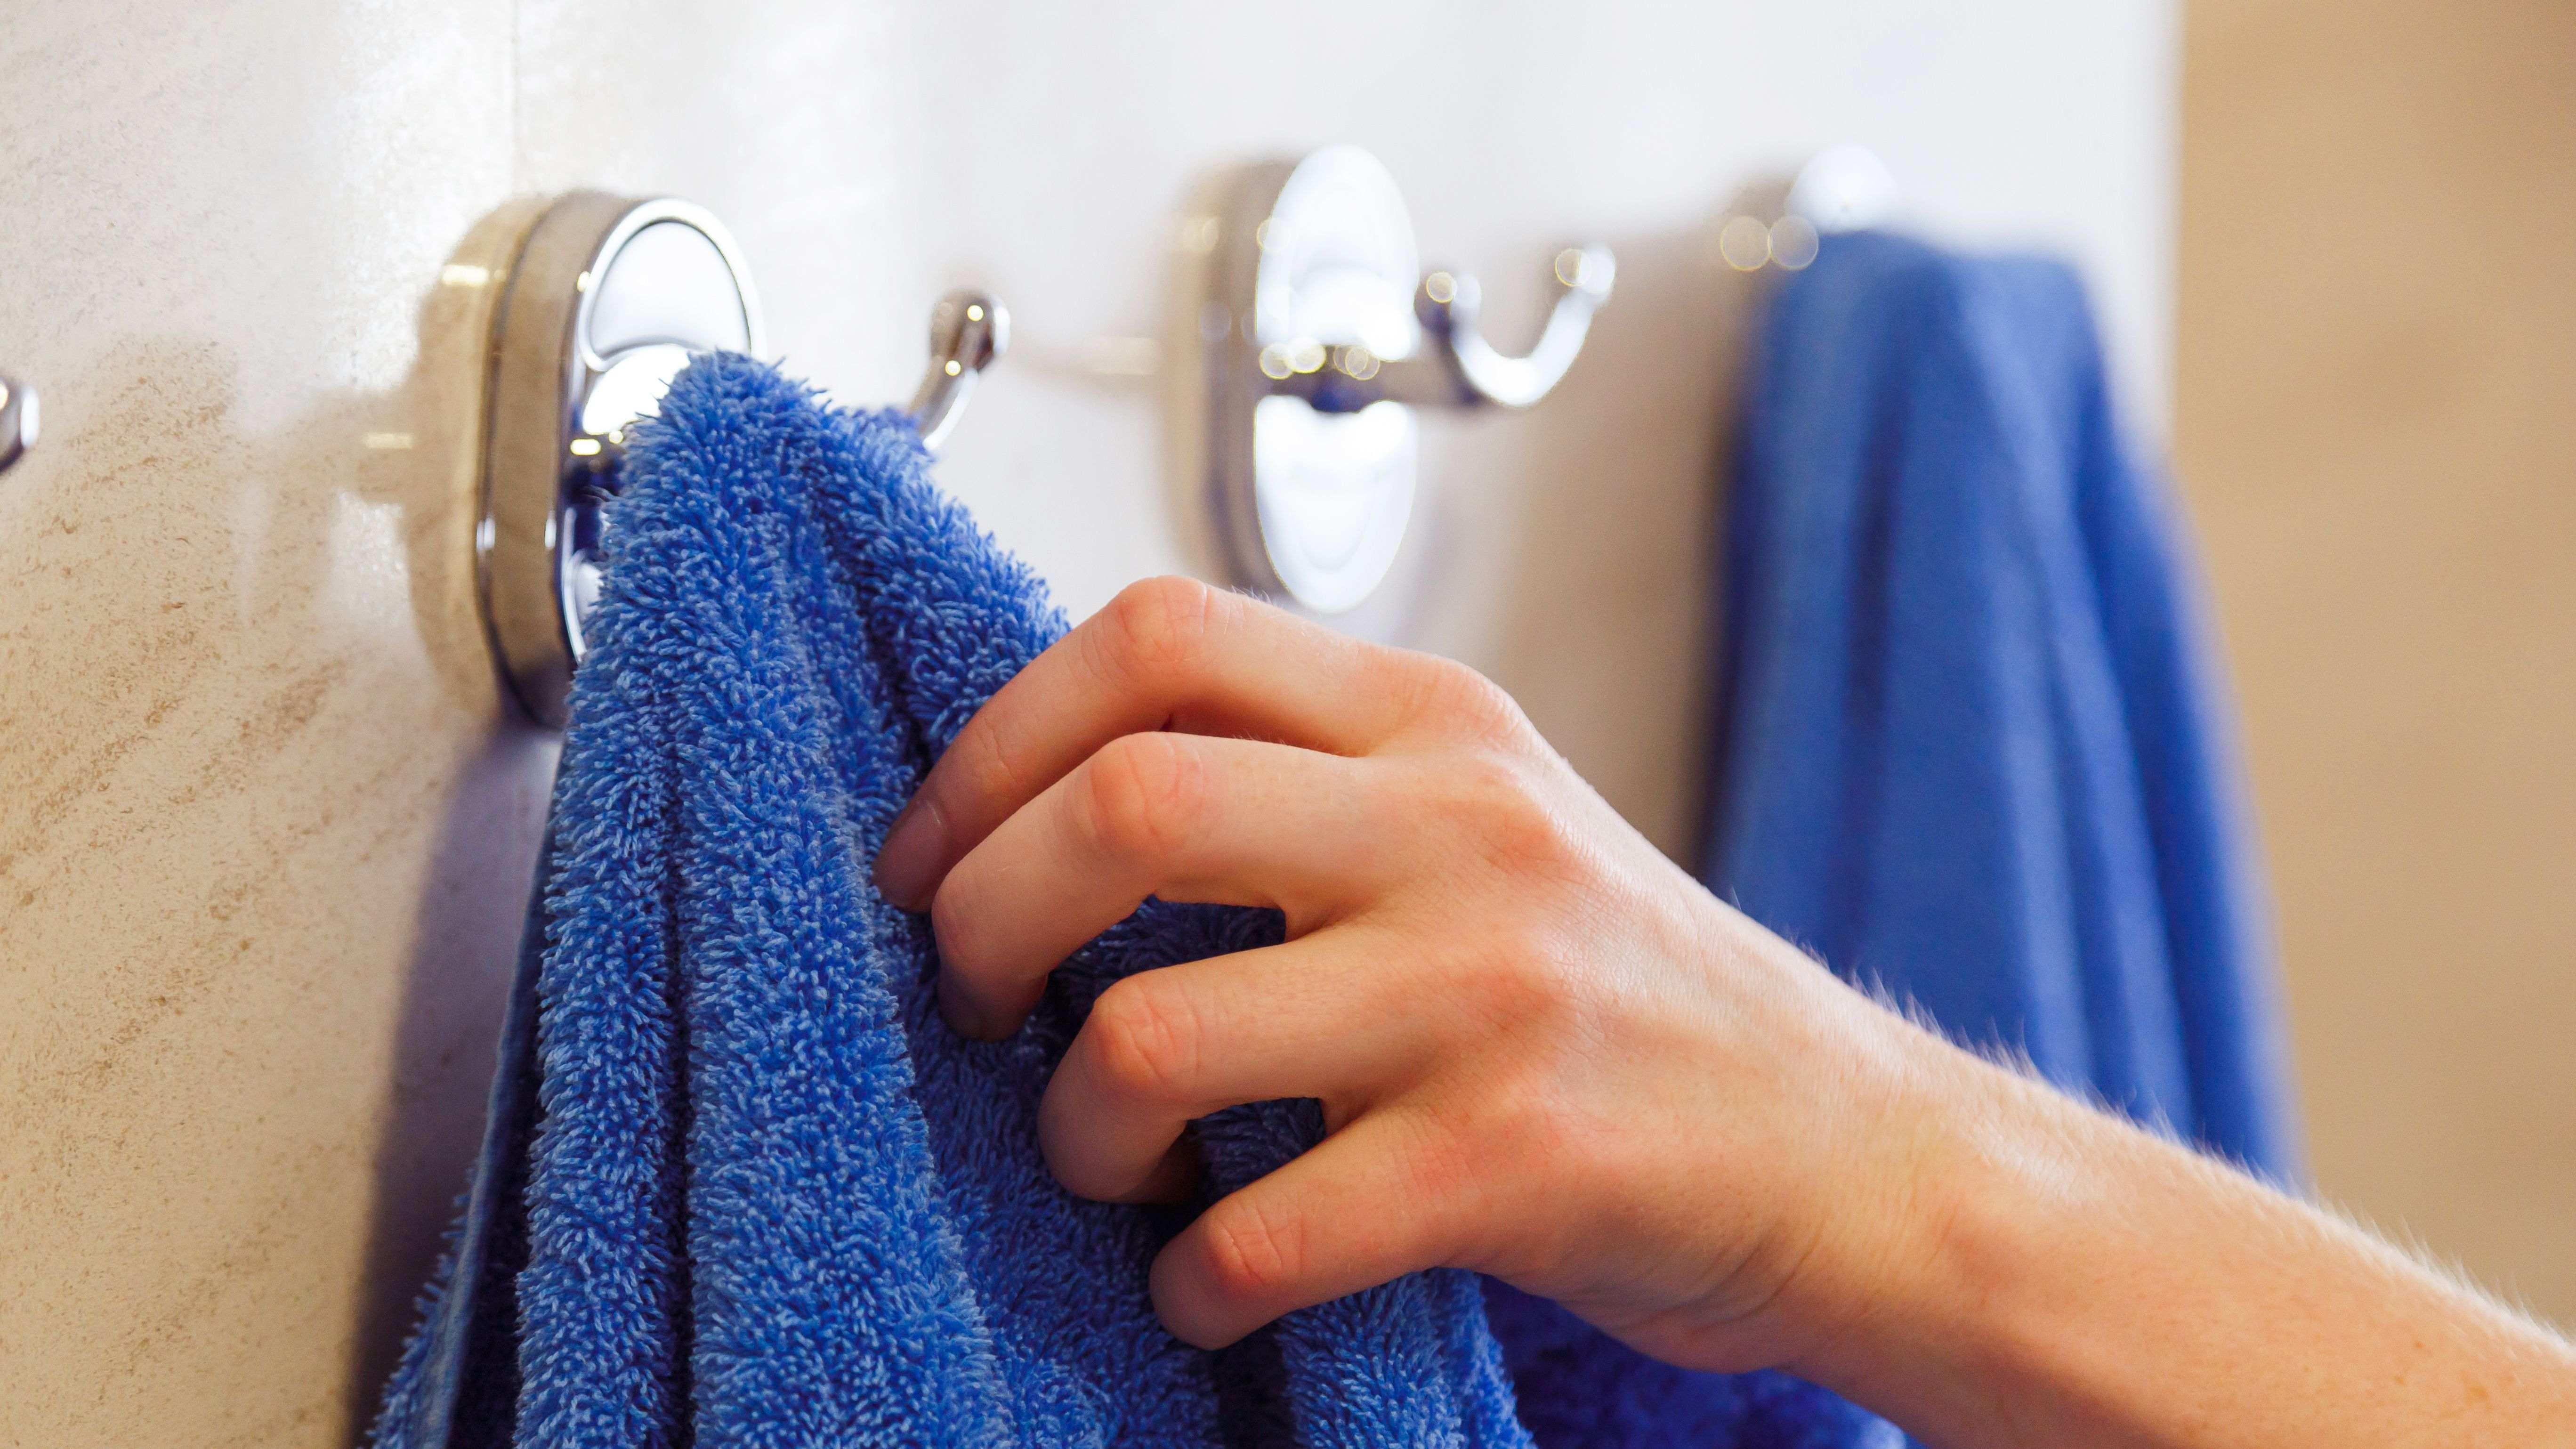 Porte-serviette et patère de salle de bains :  comment choisir